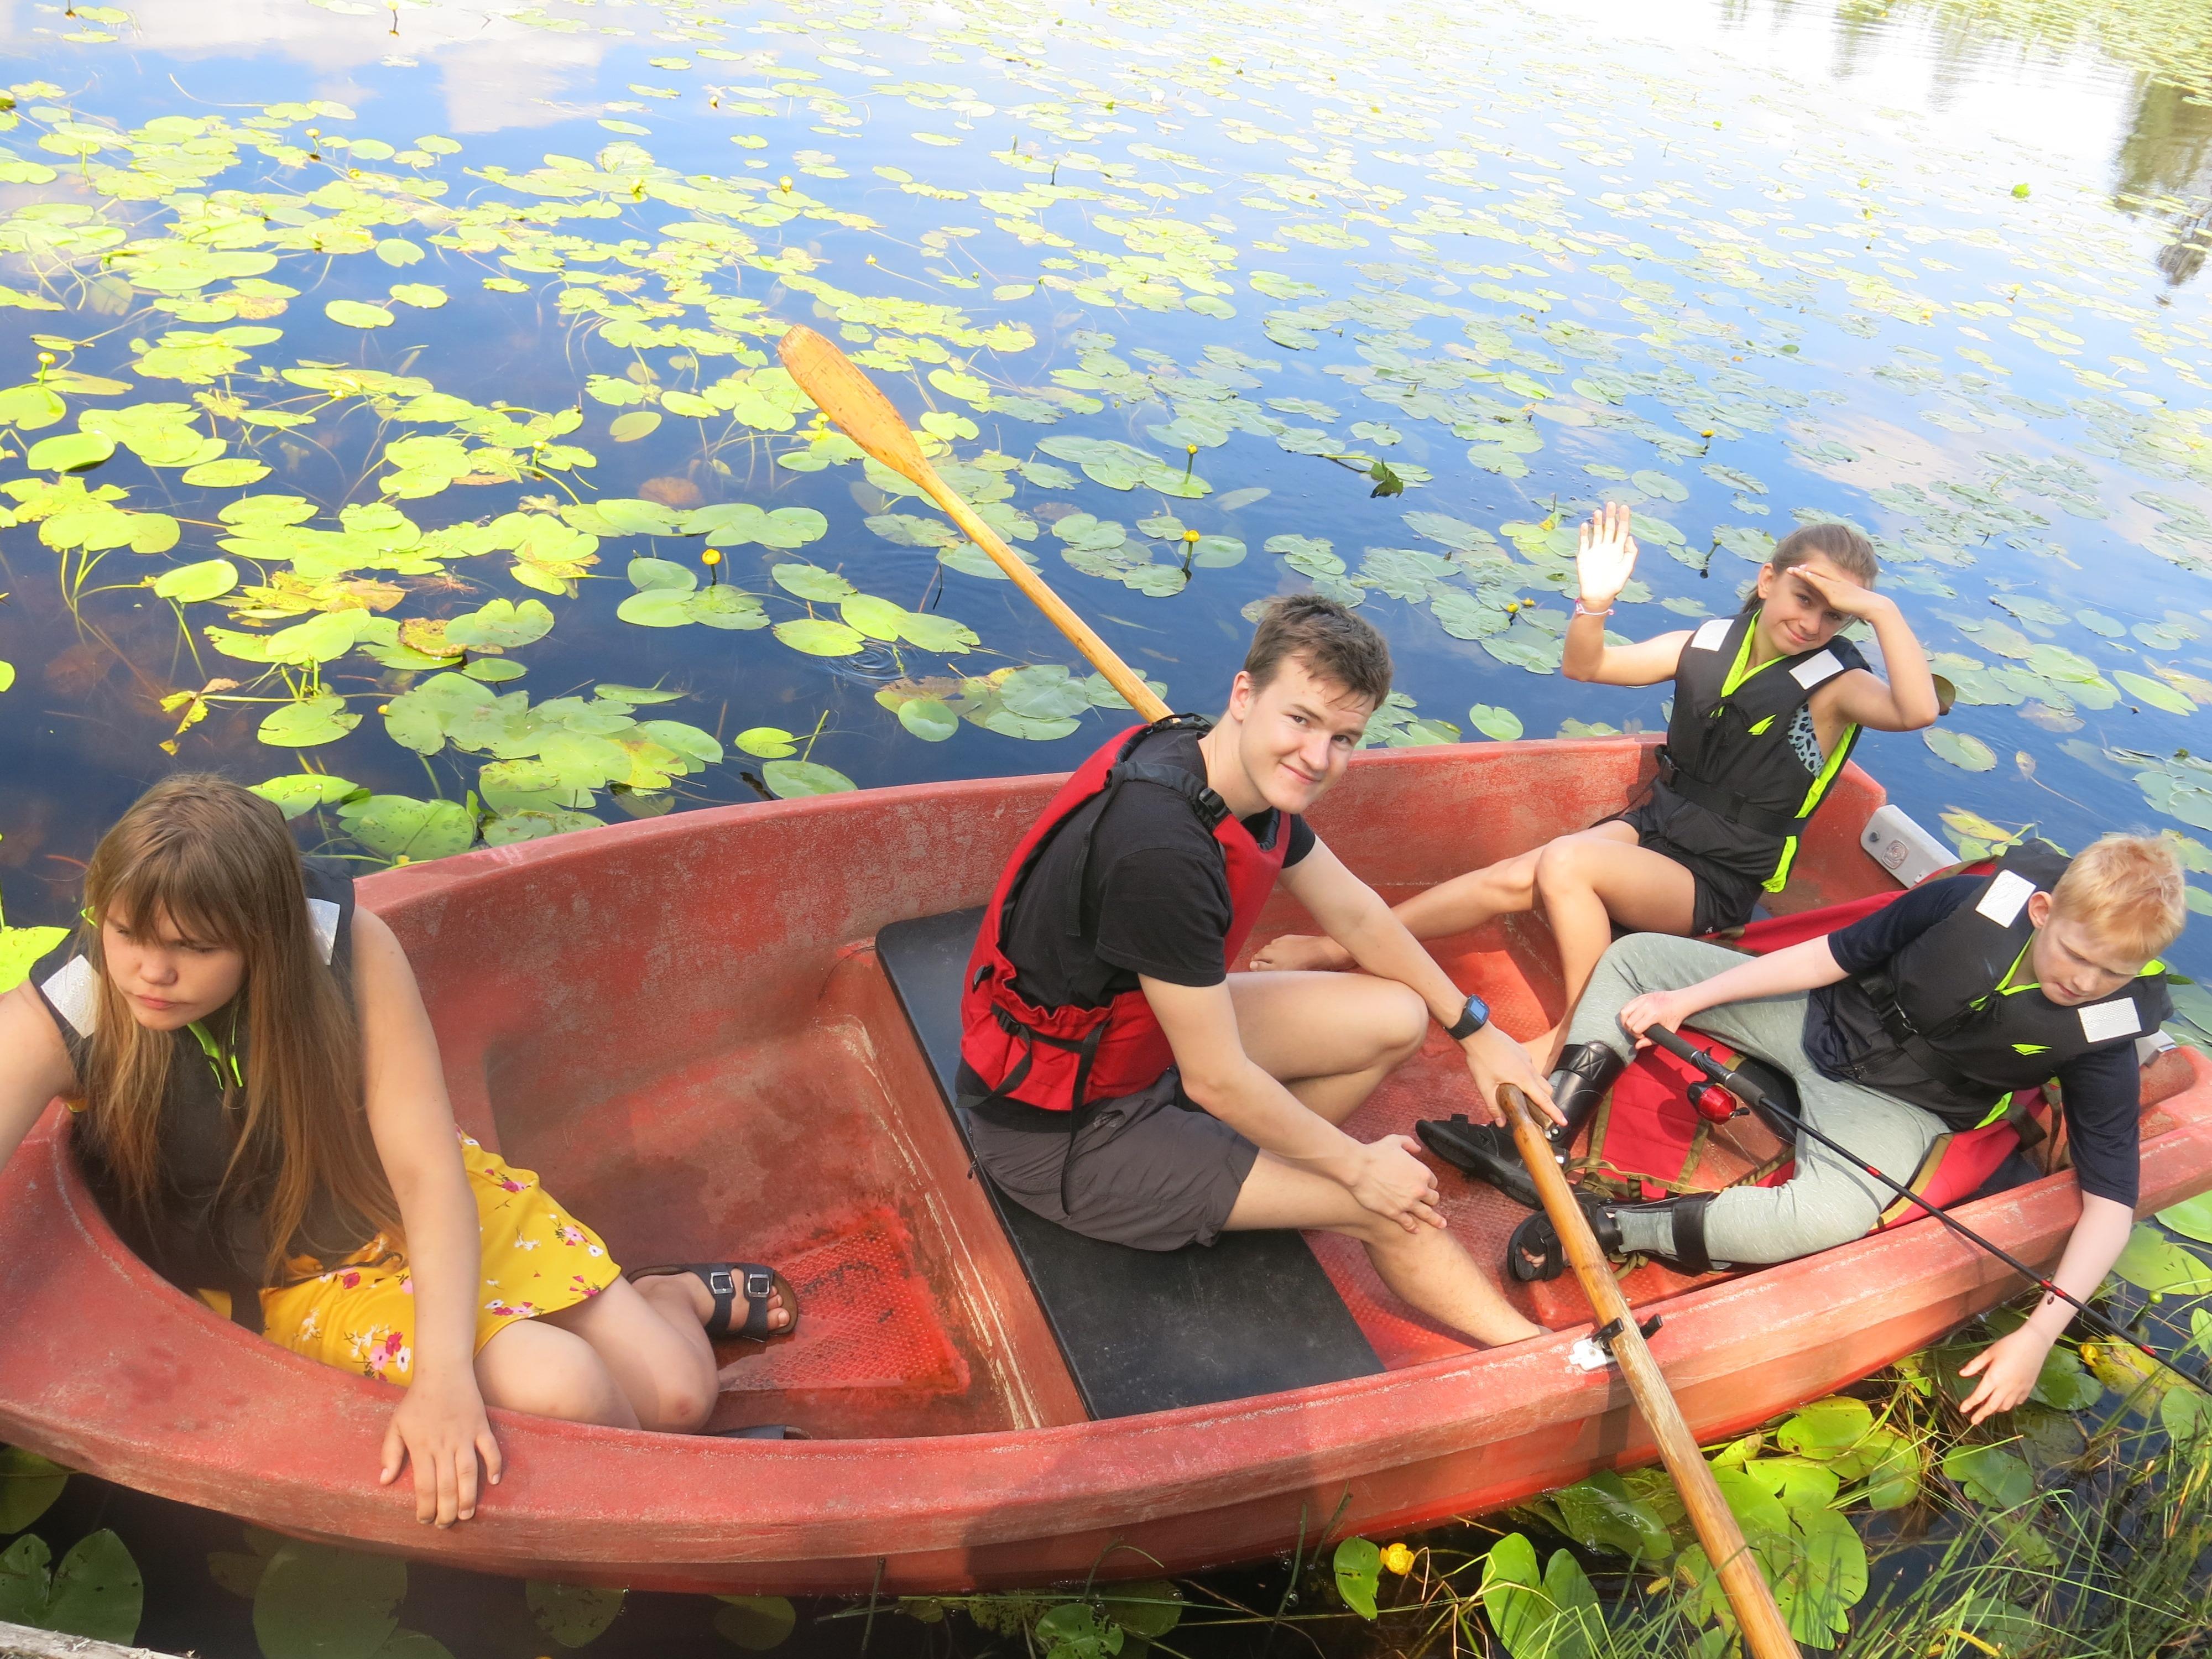 Fire personer i en robåt